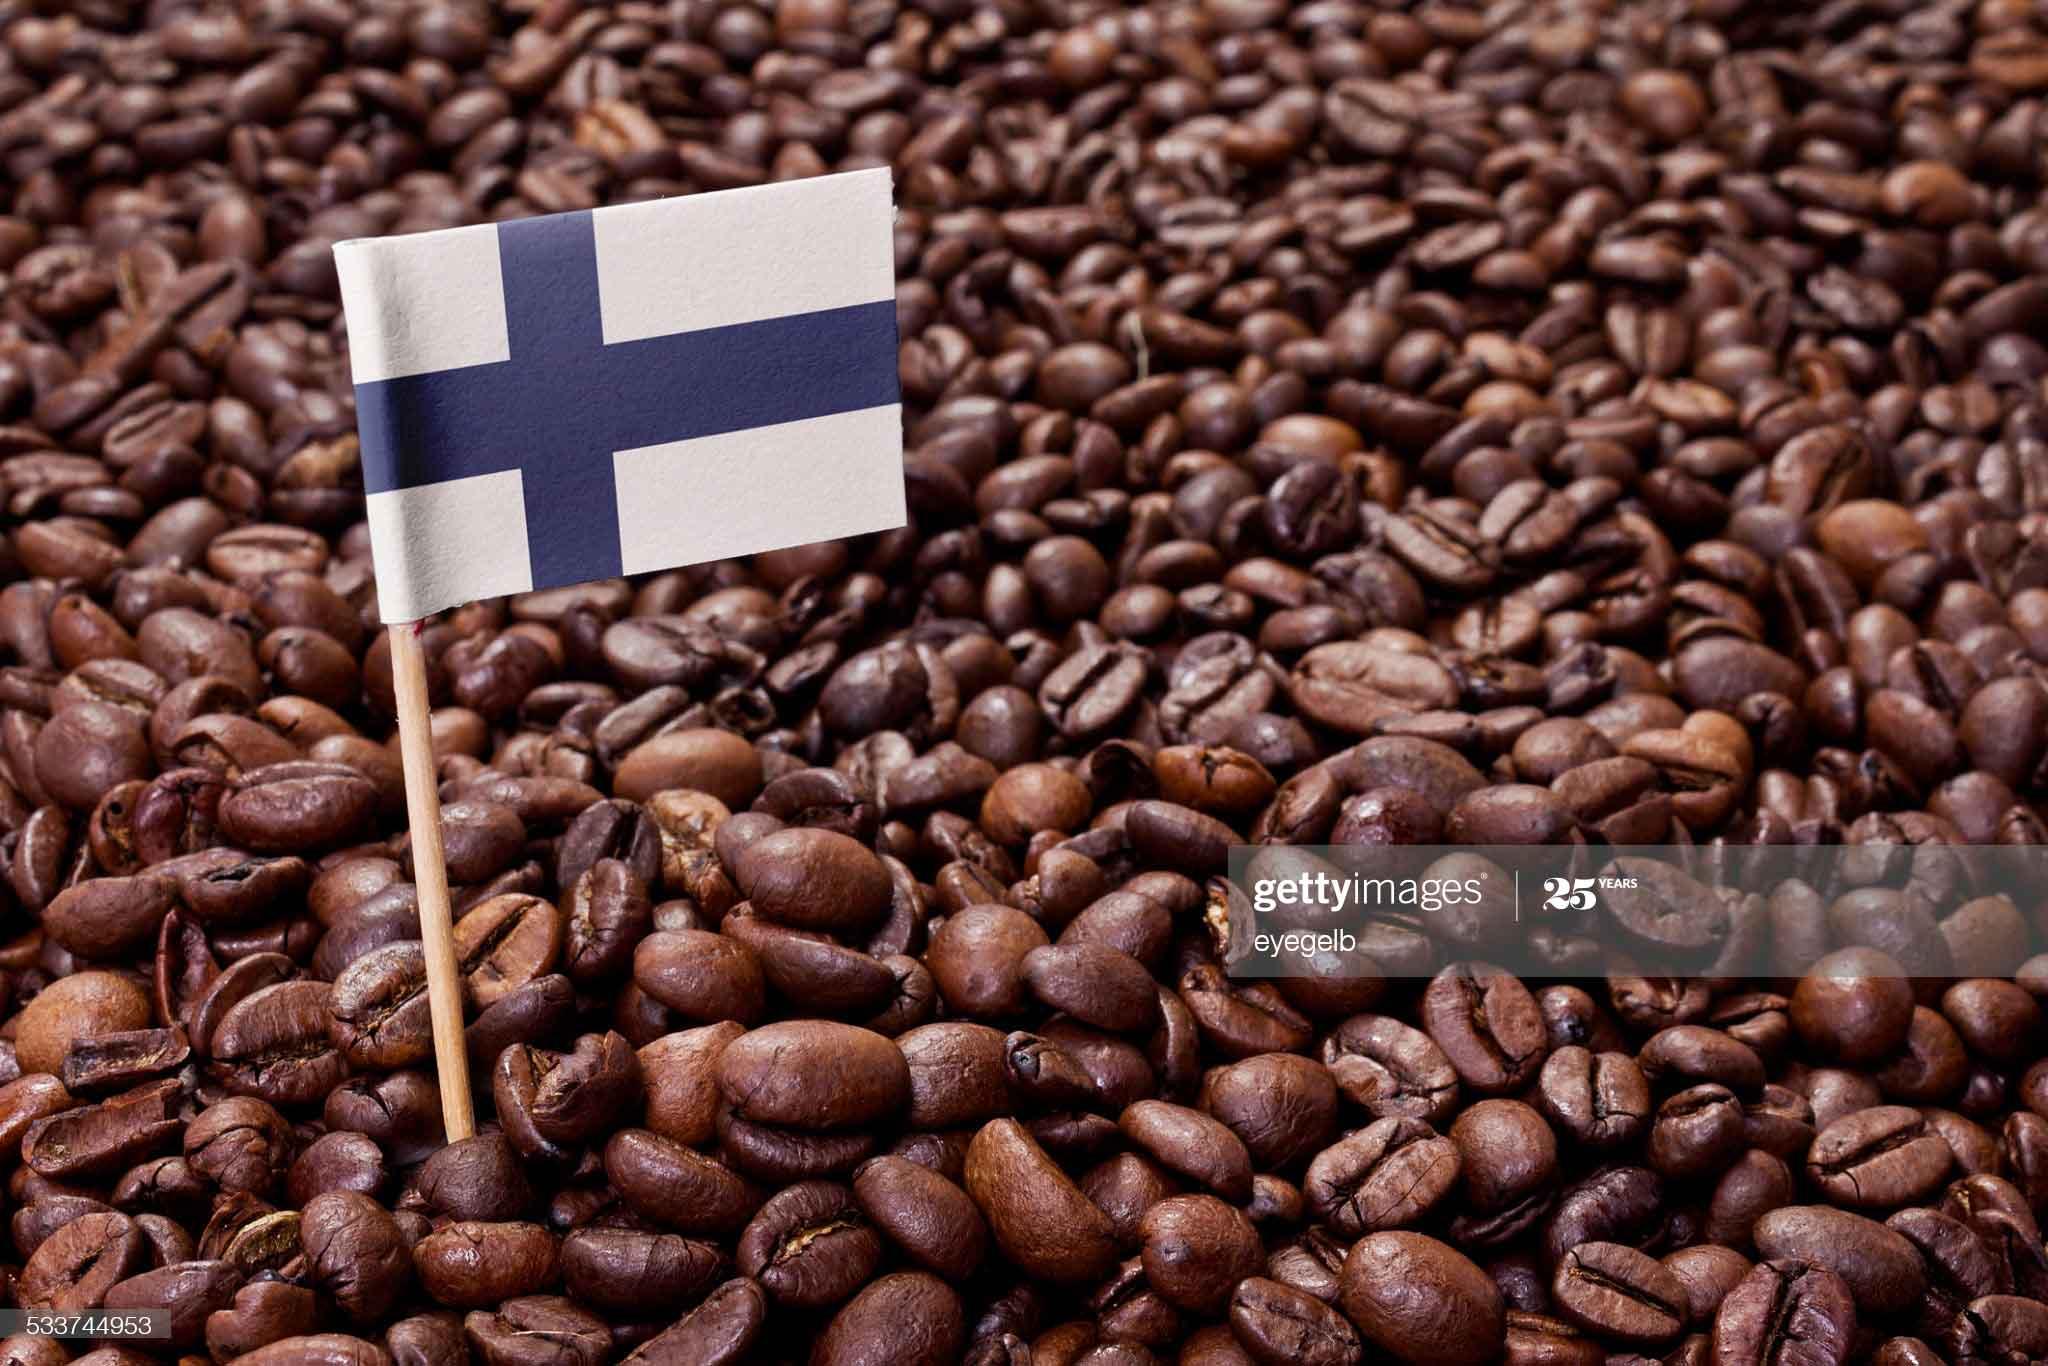 پرچم فنلاند در بین دانههای قهوه